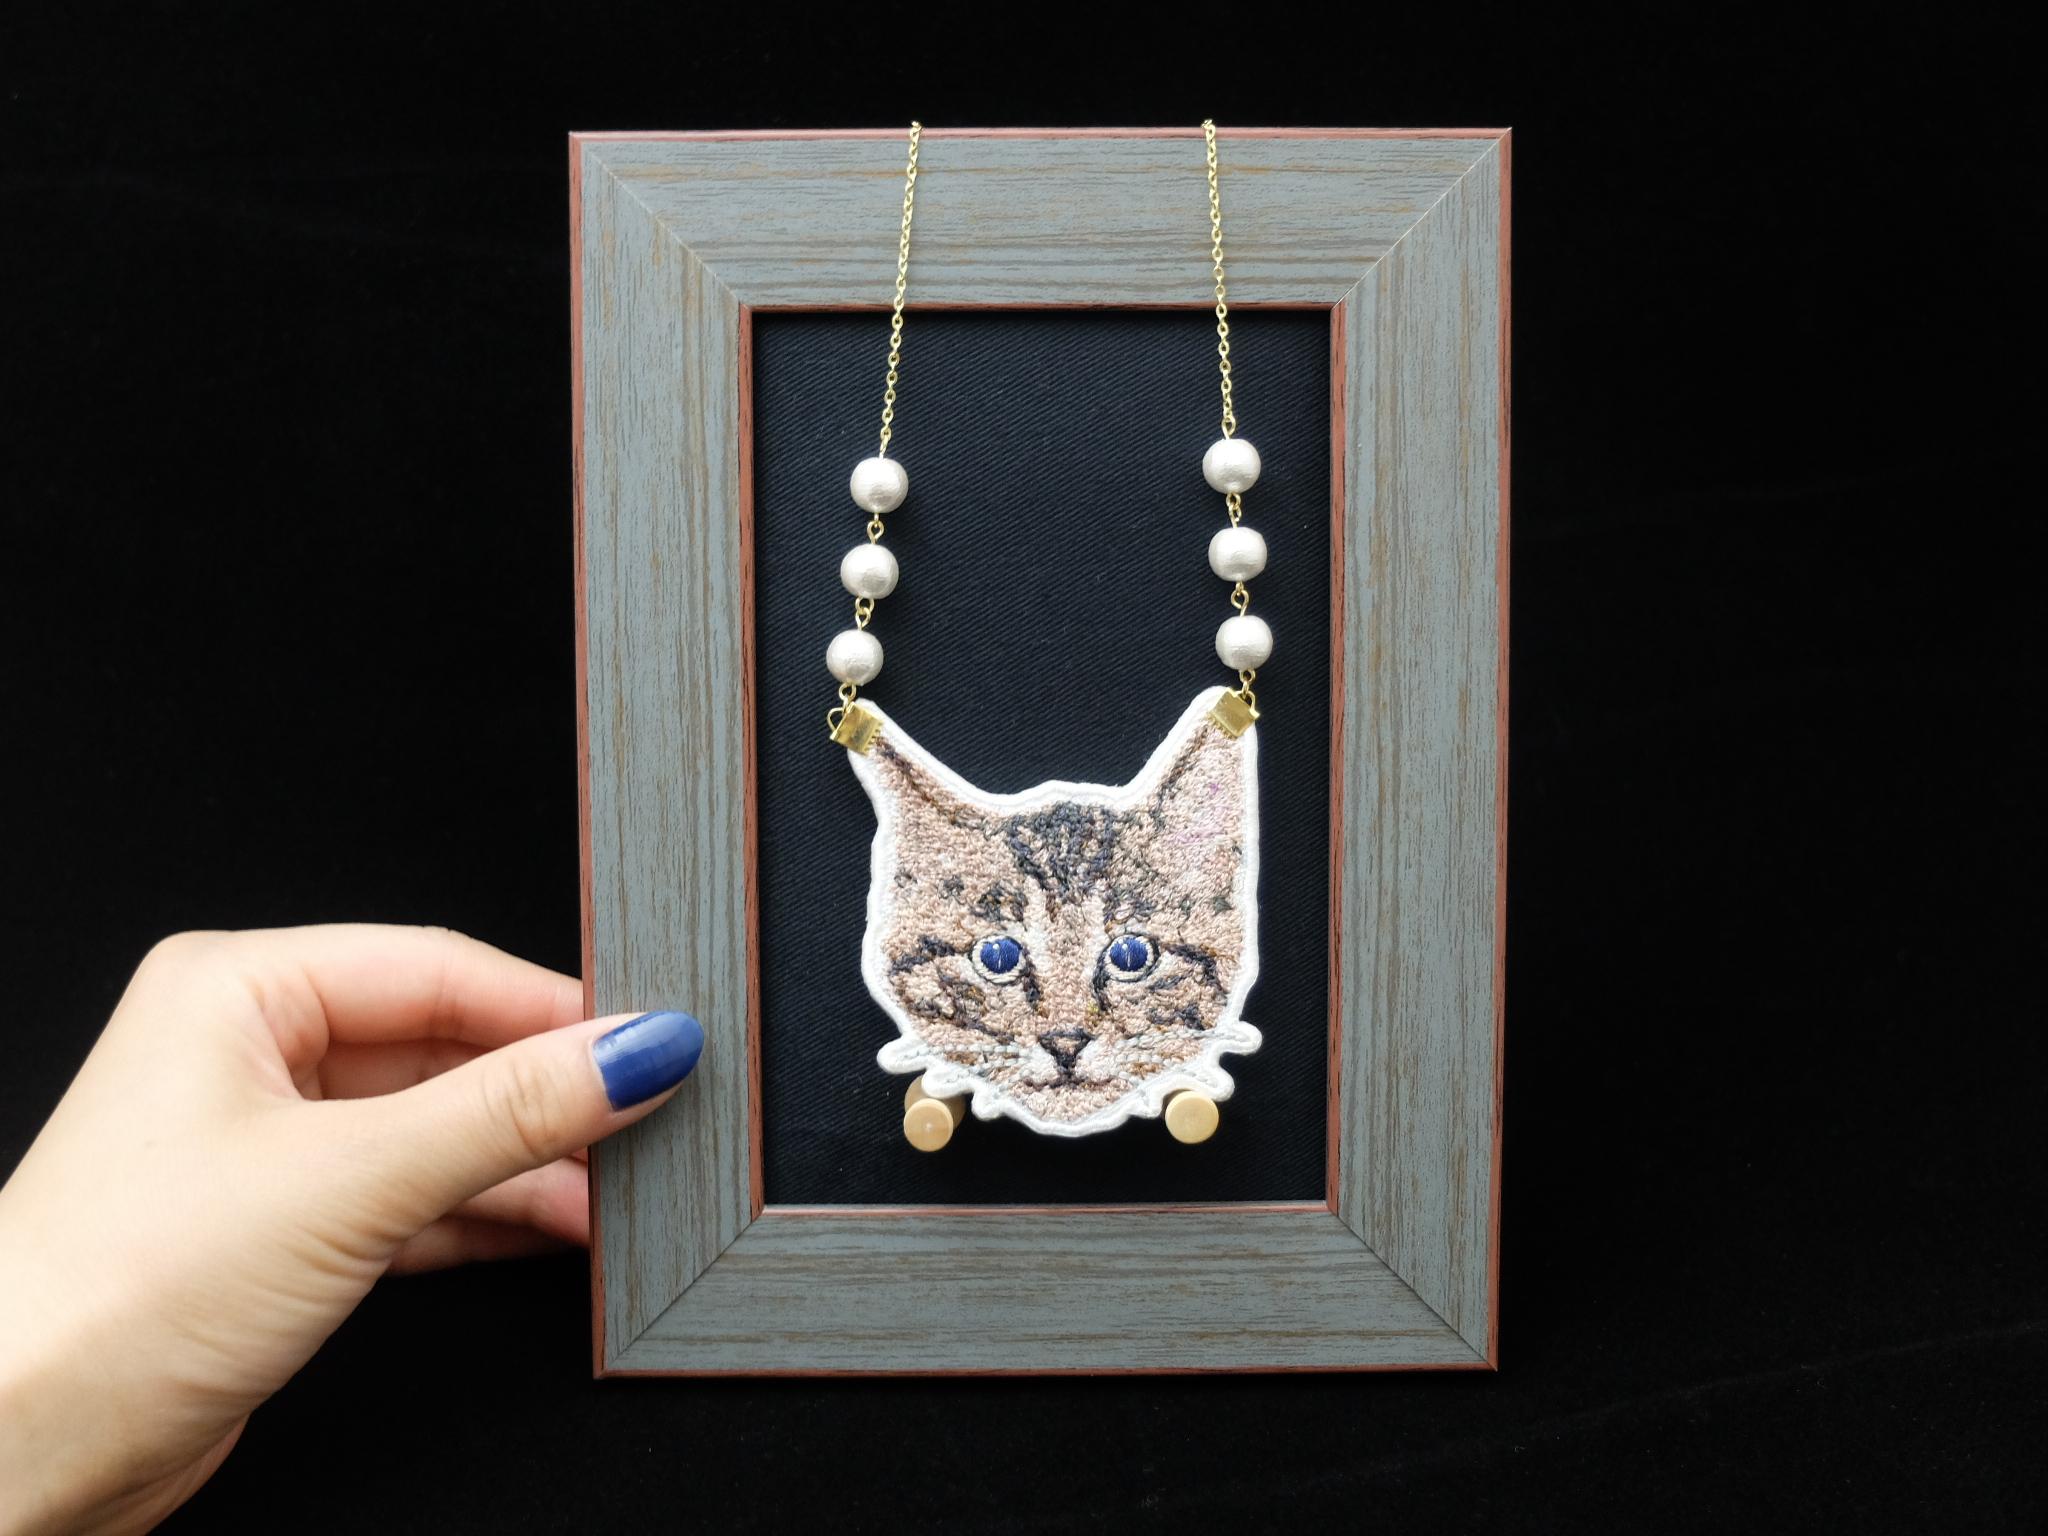 フォト刺繍 刺繍ネックレス 青い目の猫 サッポロモノヴィレッジ